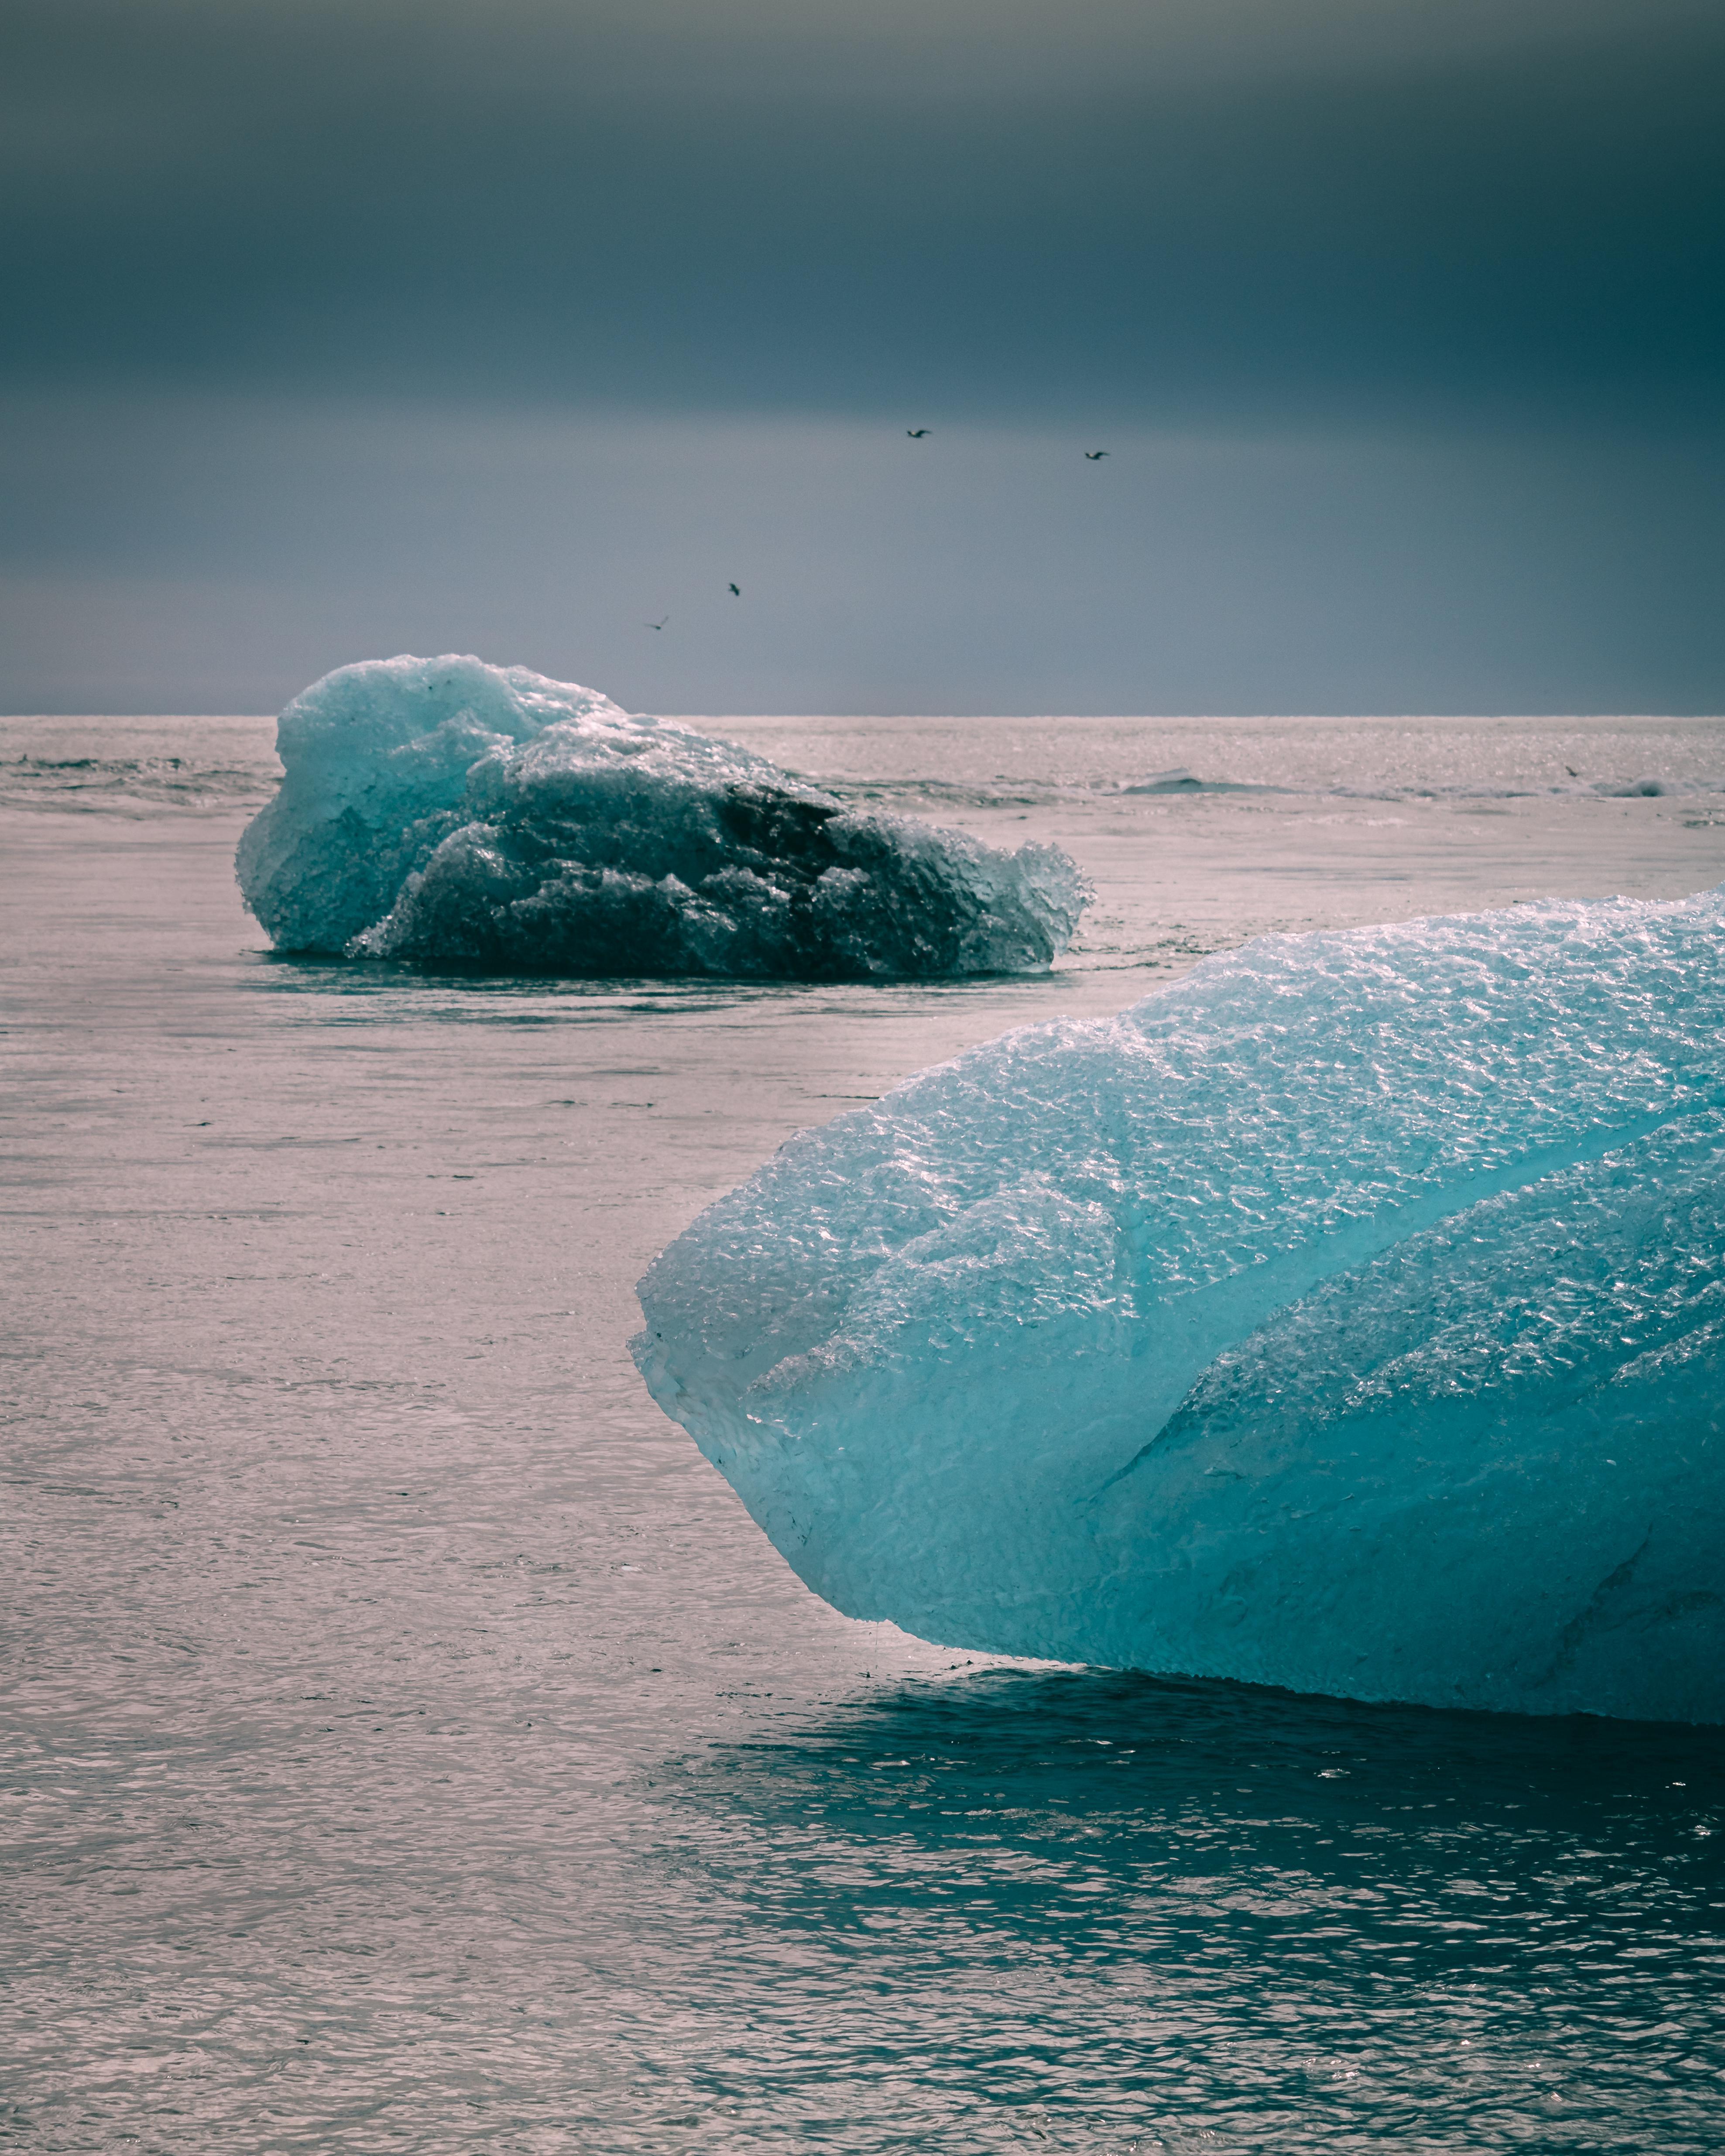 ['far-away horizon', 'natural', 'natural light', 'outdoor', 'iceberg', 'ocean', 'boating', 'open area']